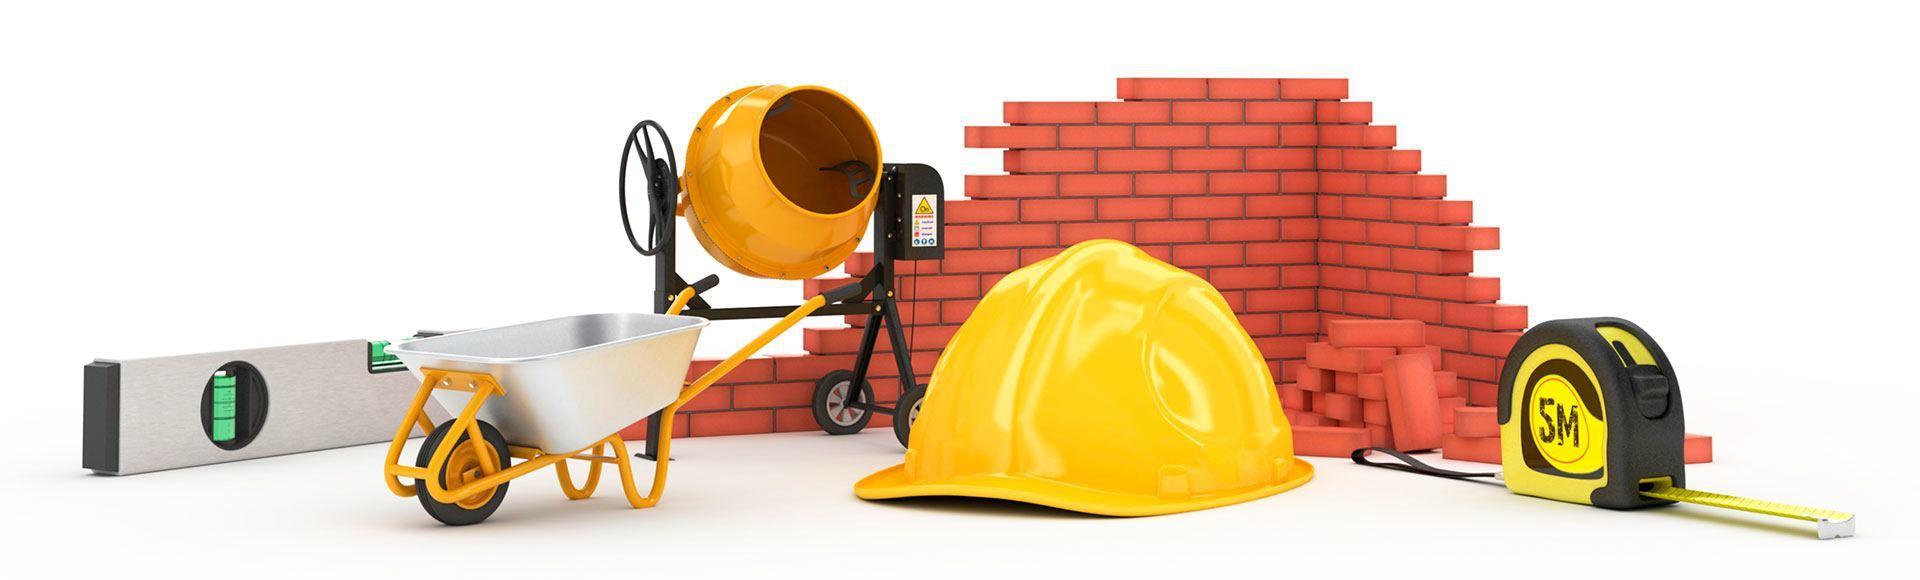 строительный материал купить в Калининграде